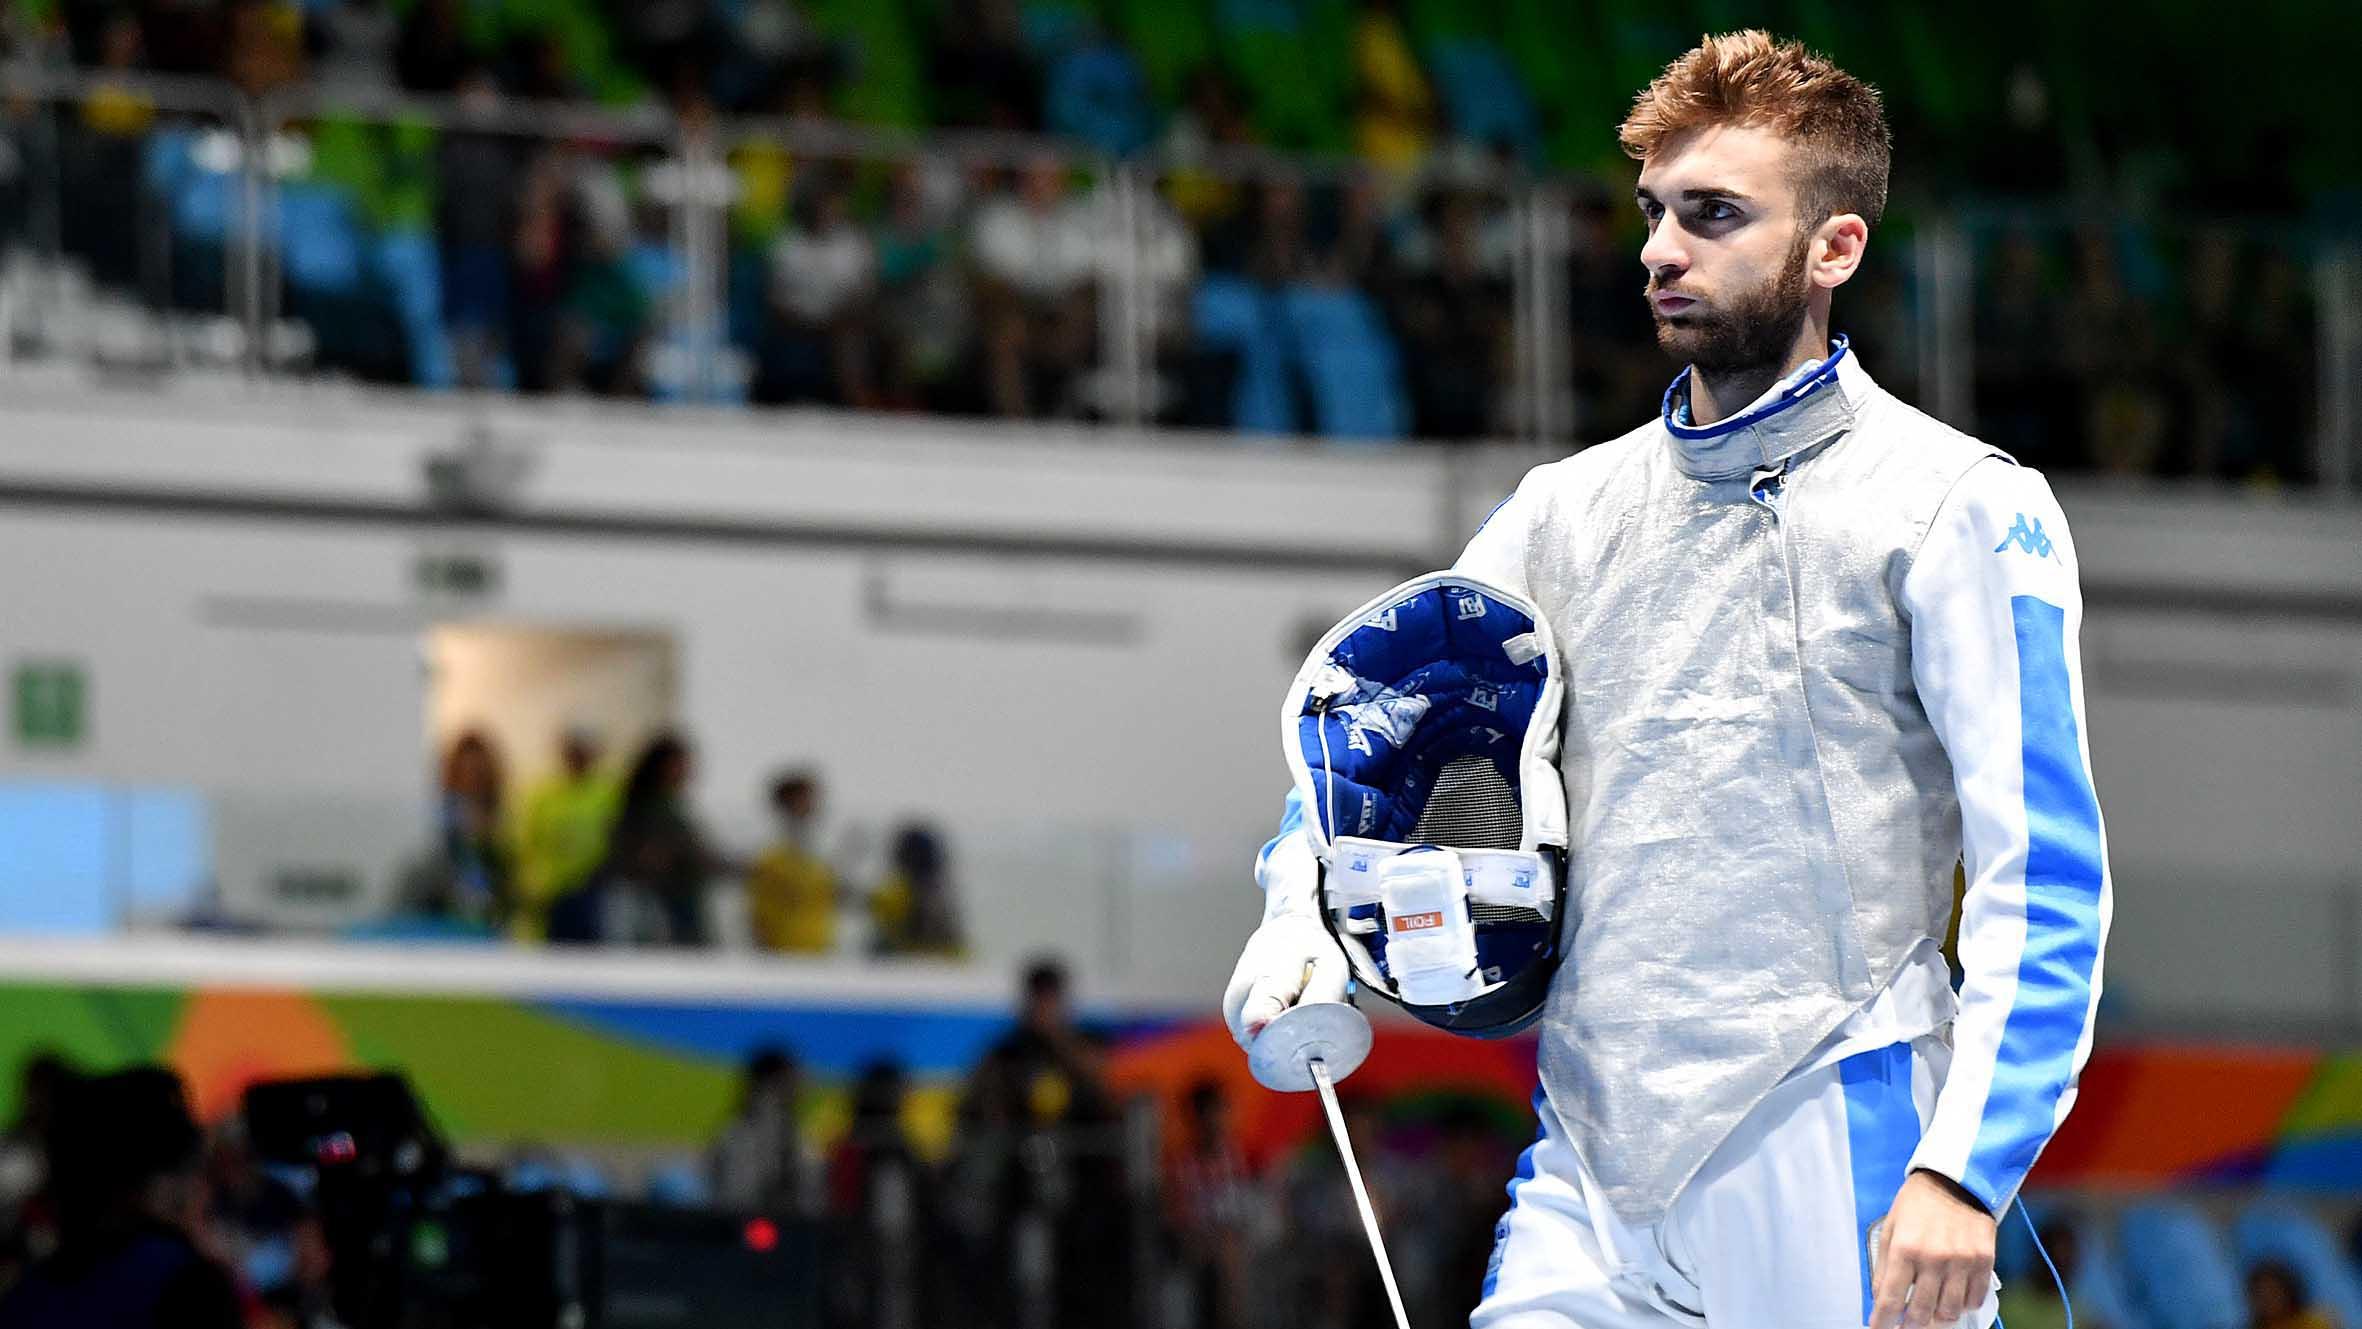 Mondiali di scherma, nella sesta giornata nessun azzurro sale sul podio